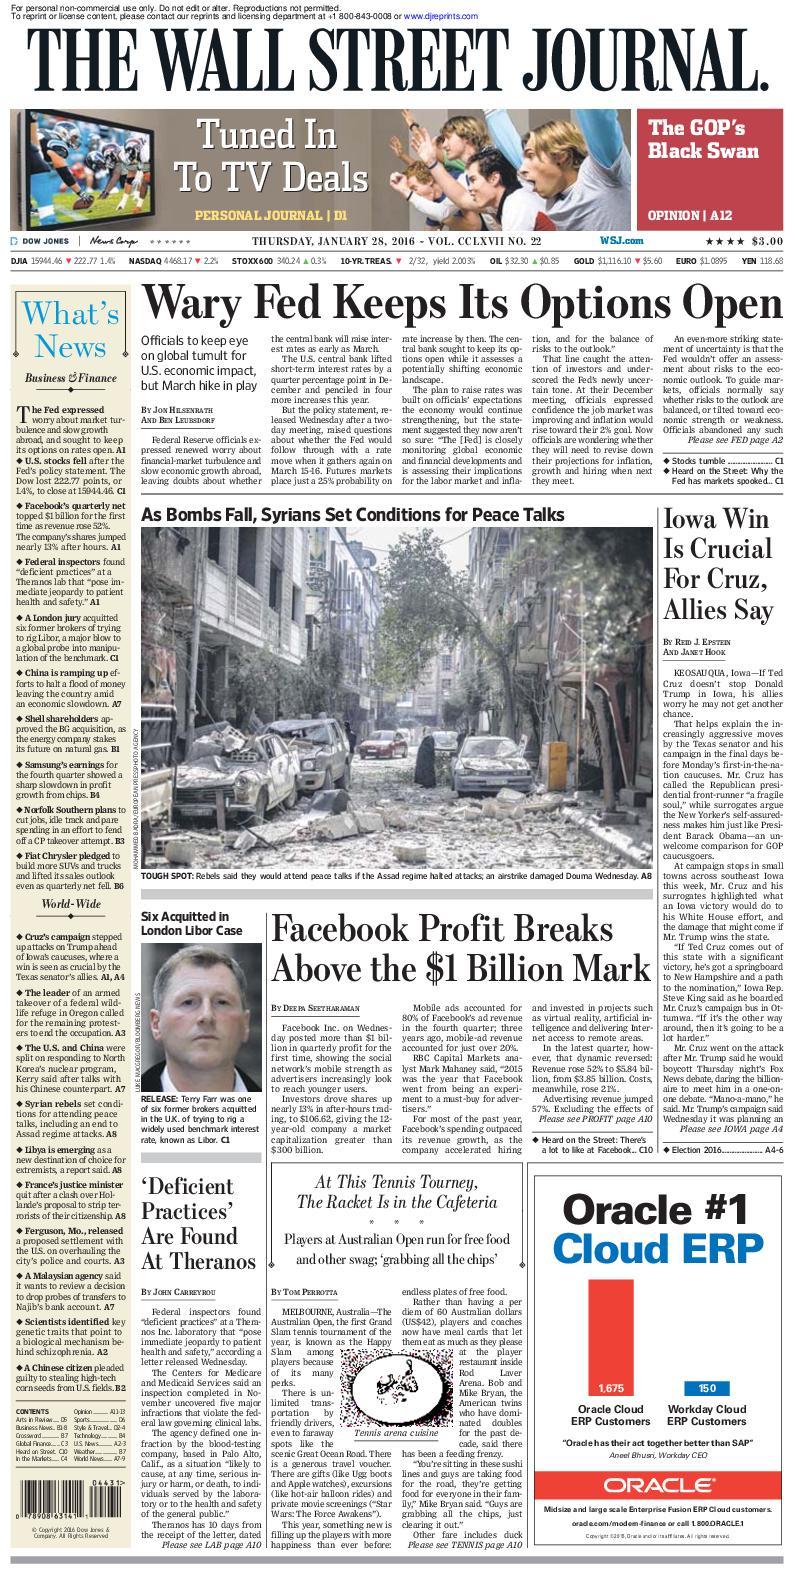 Calaméo - Wallstreetjournal 20160128 The Wall Street Journal